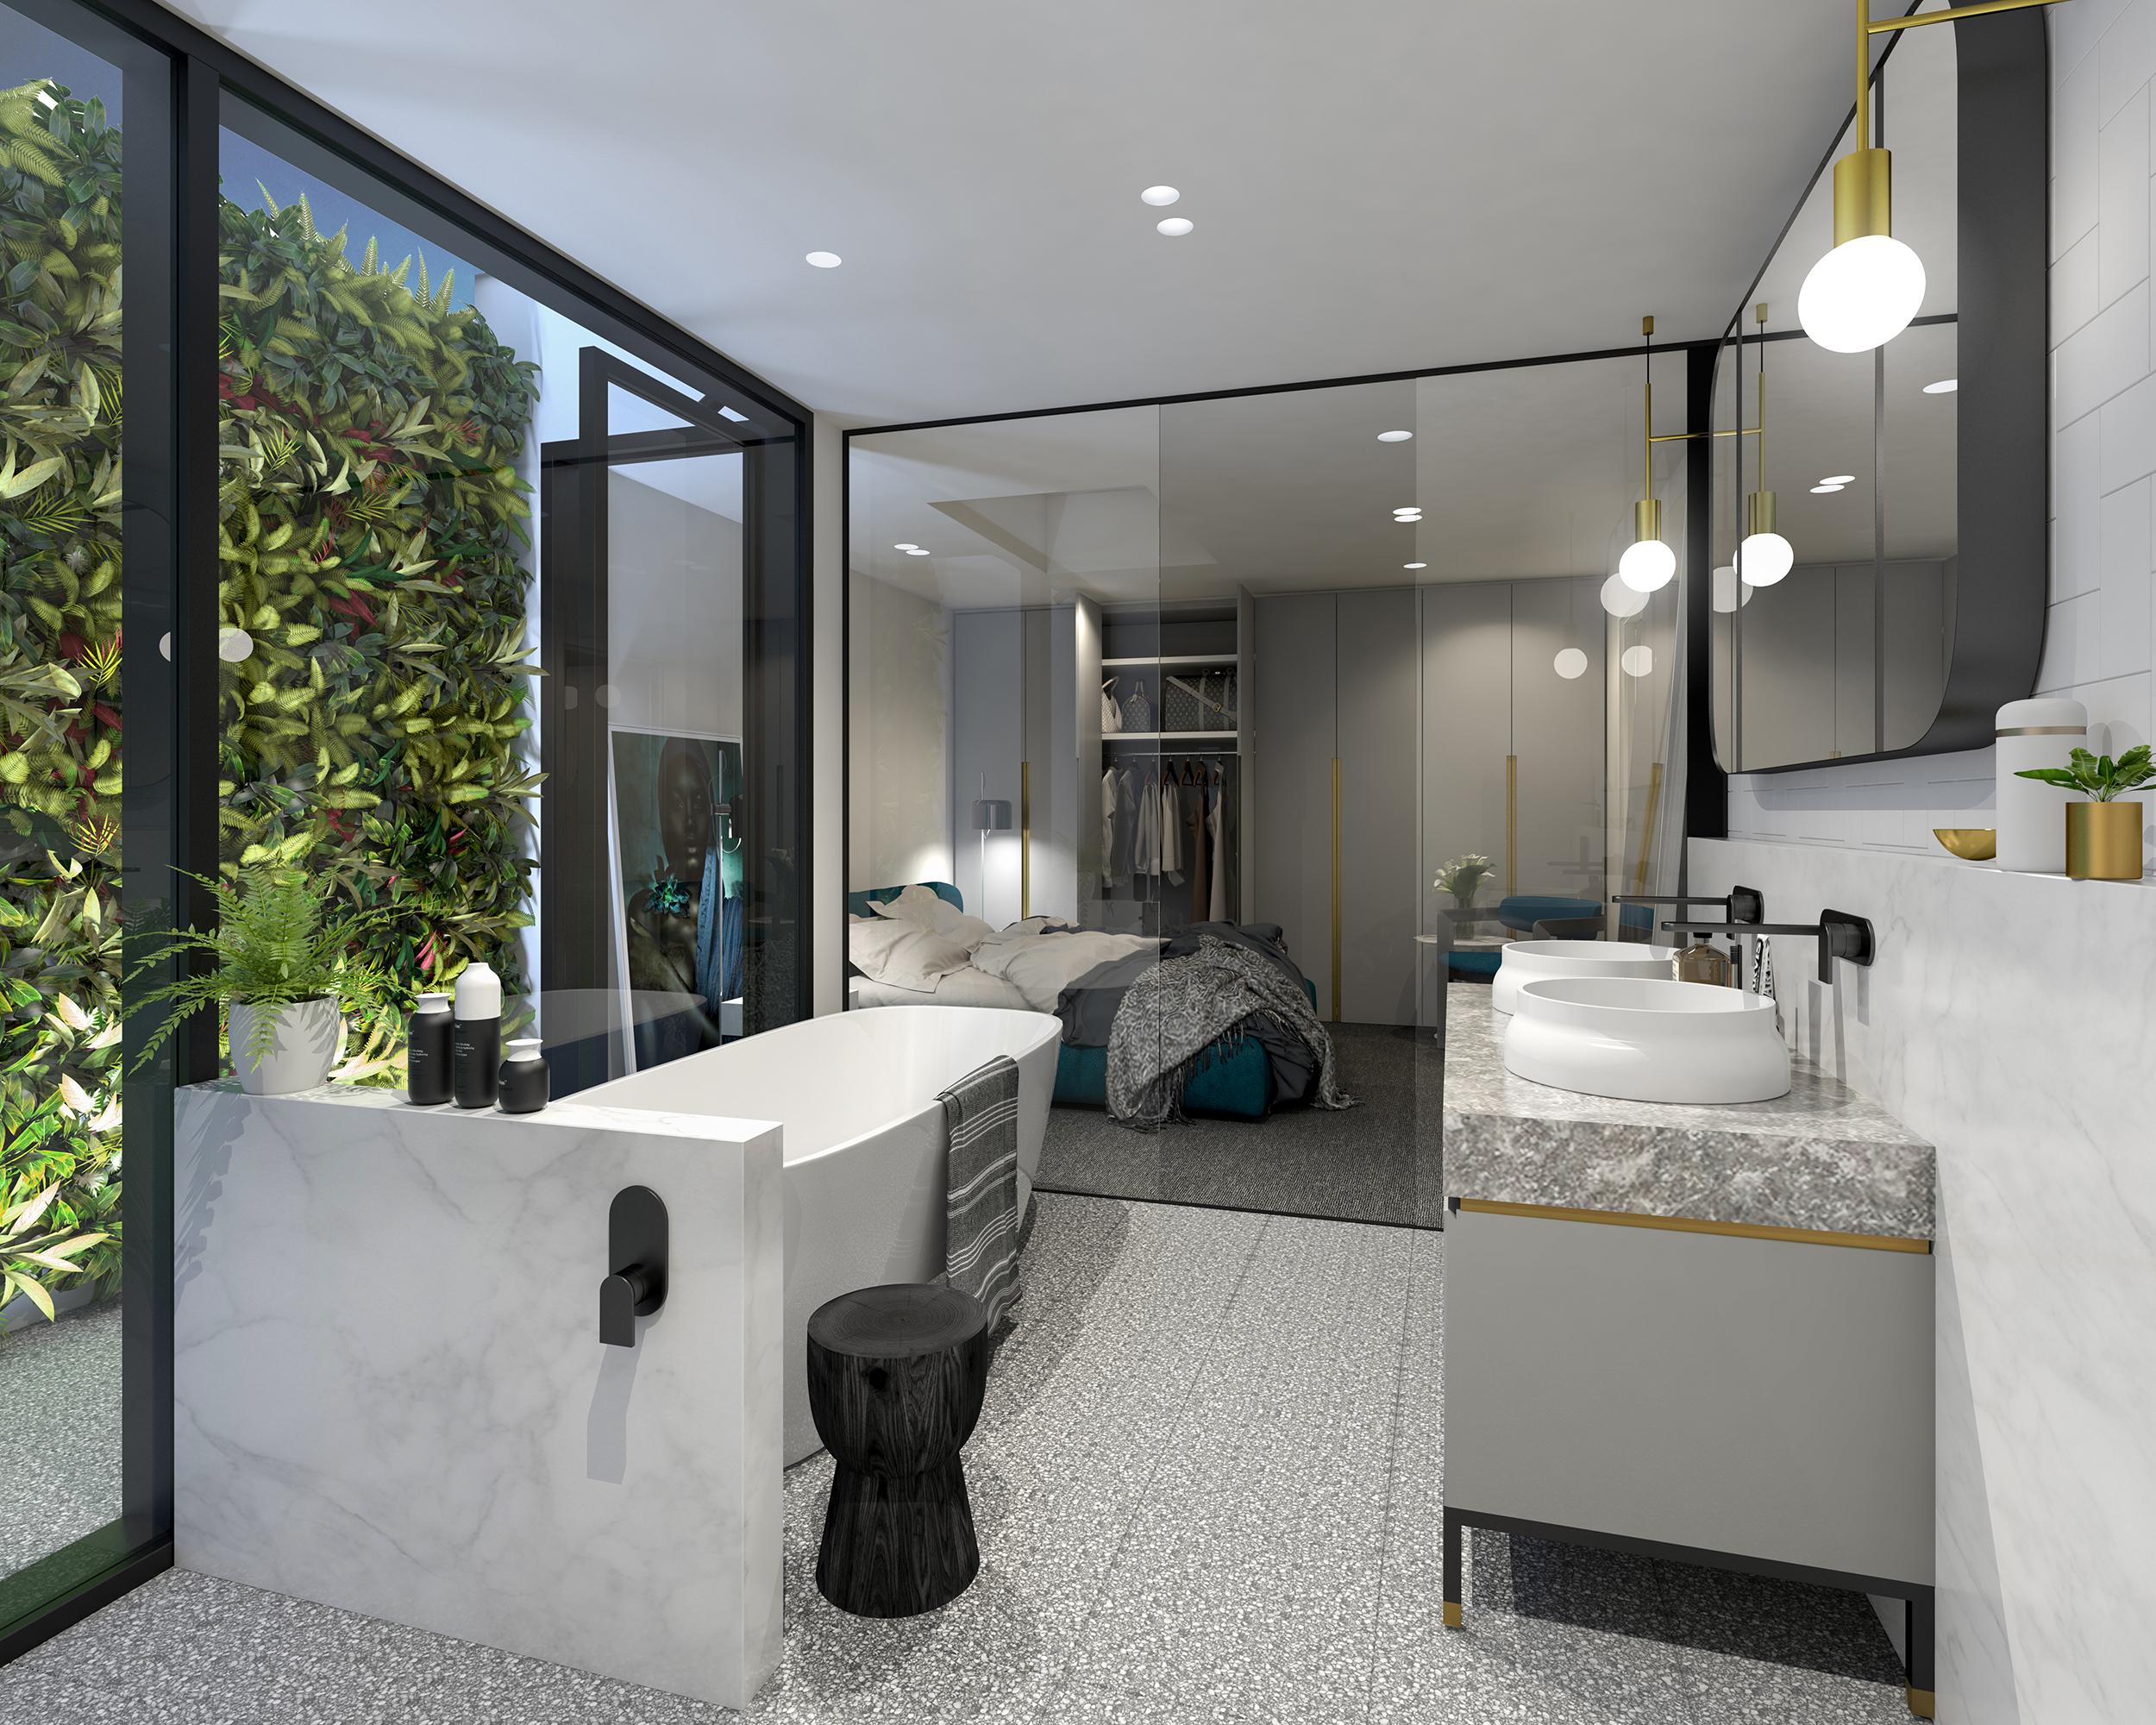 Well St - Apartment 2 - Ensuite To Bedroom - Dark Scheme MR.jpg